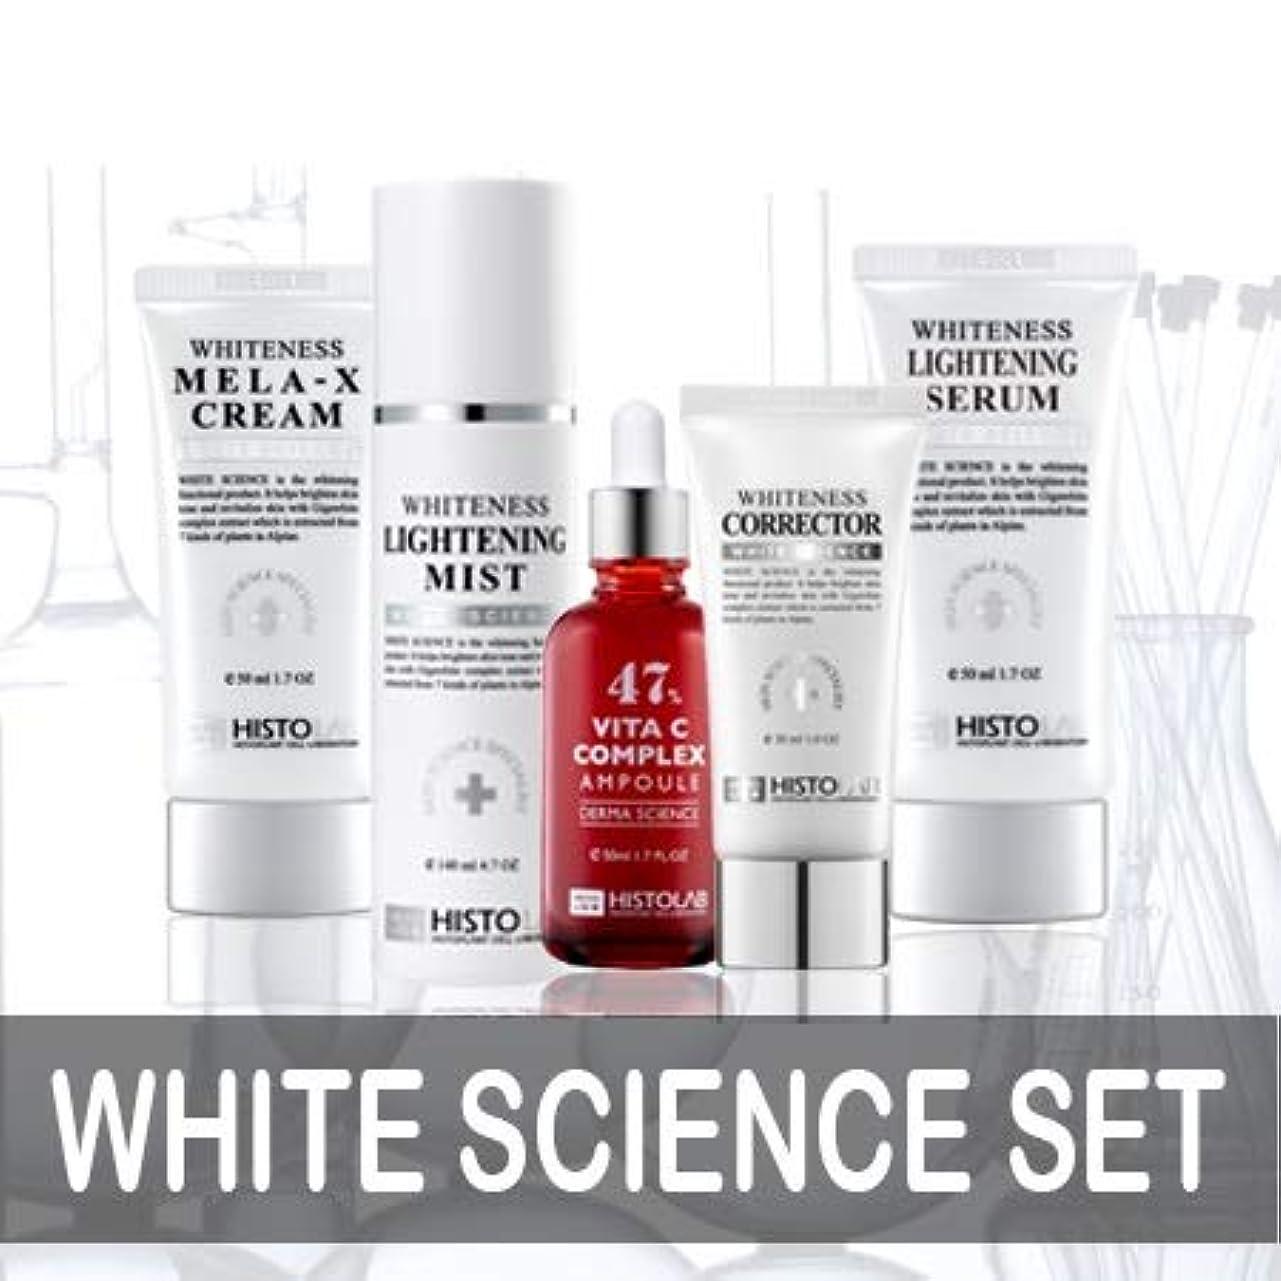 分類花火できれば[Histolab][韓国コスメ]肌の美 白クリームセット/Special White Science Set ★1 White ンプル+4美 白クリームセット★無料サンプル★